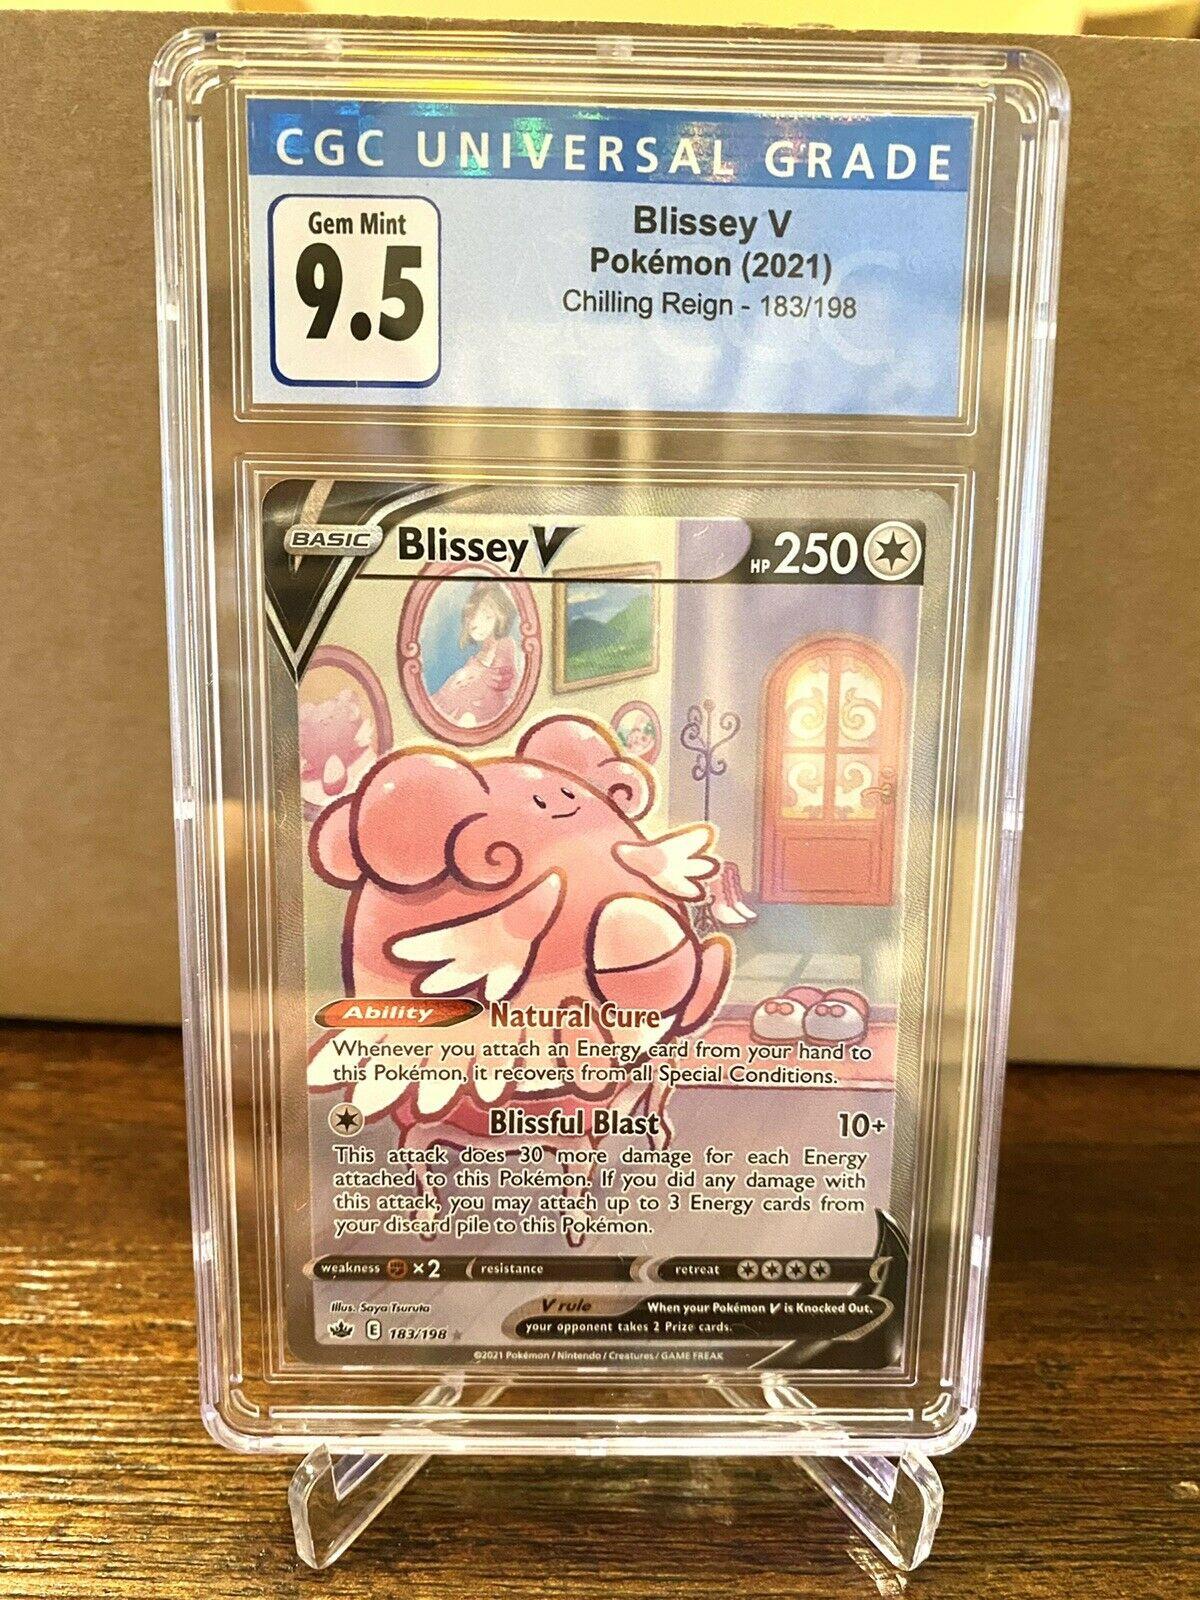 Pokemon CGC 9.5 (PSA 10) Blissey V Alternate Art 183/198 Chilling Reign